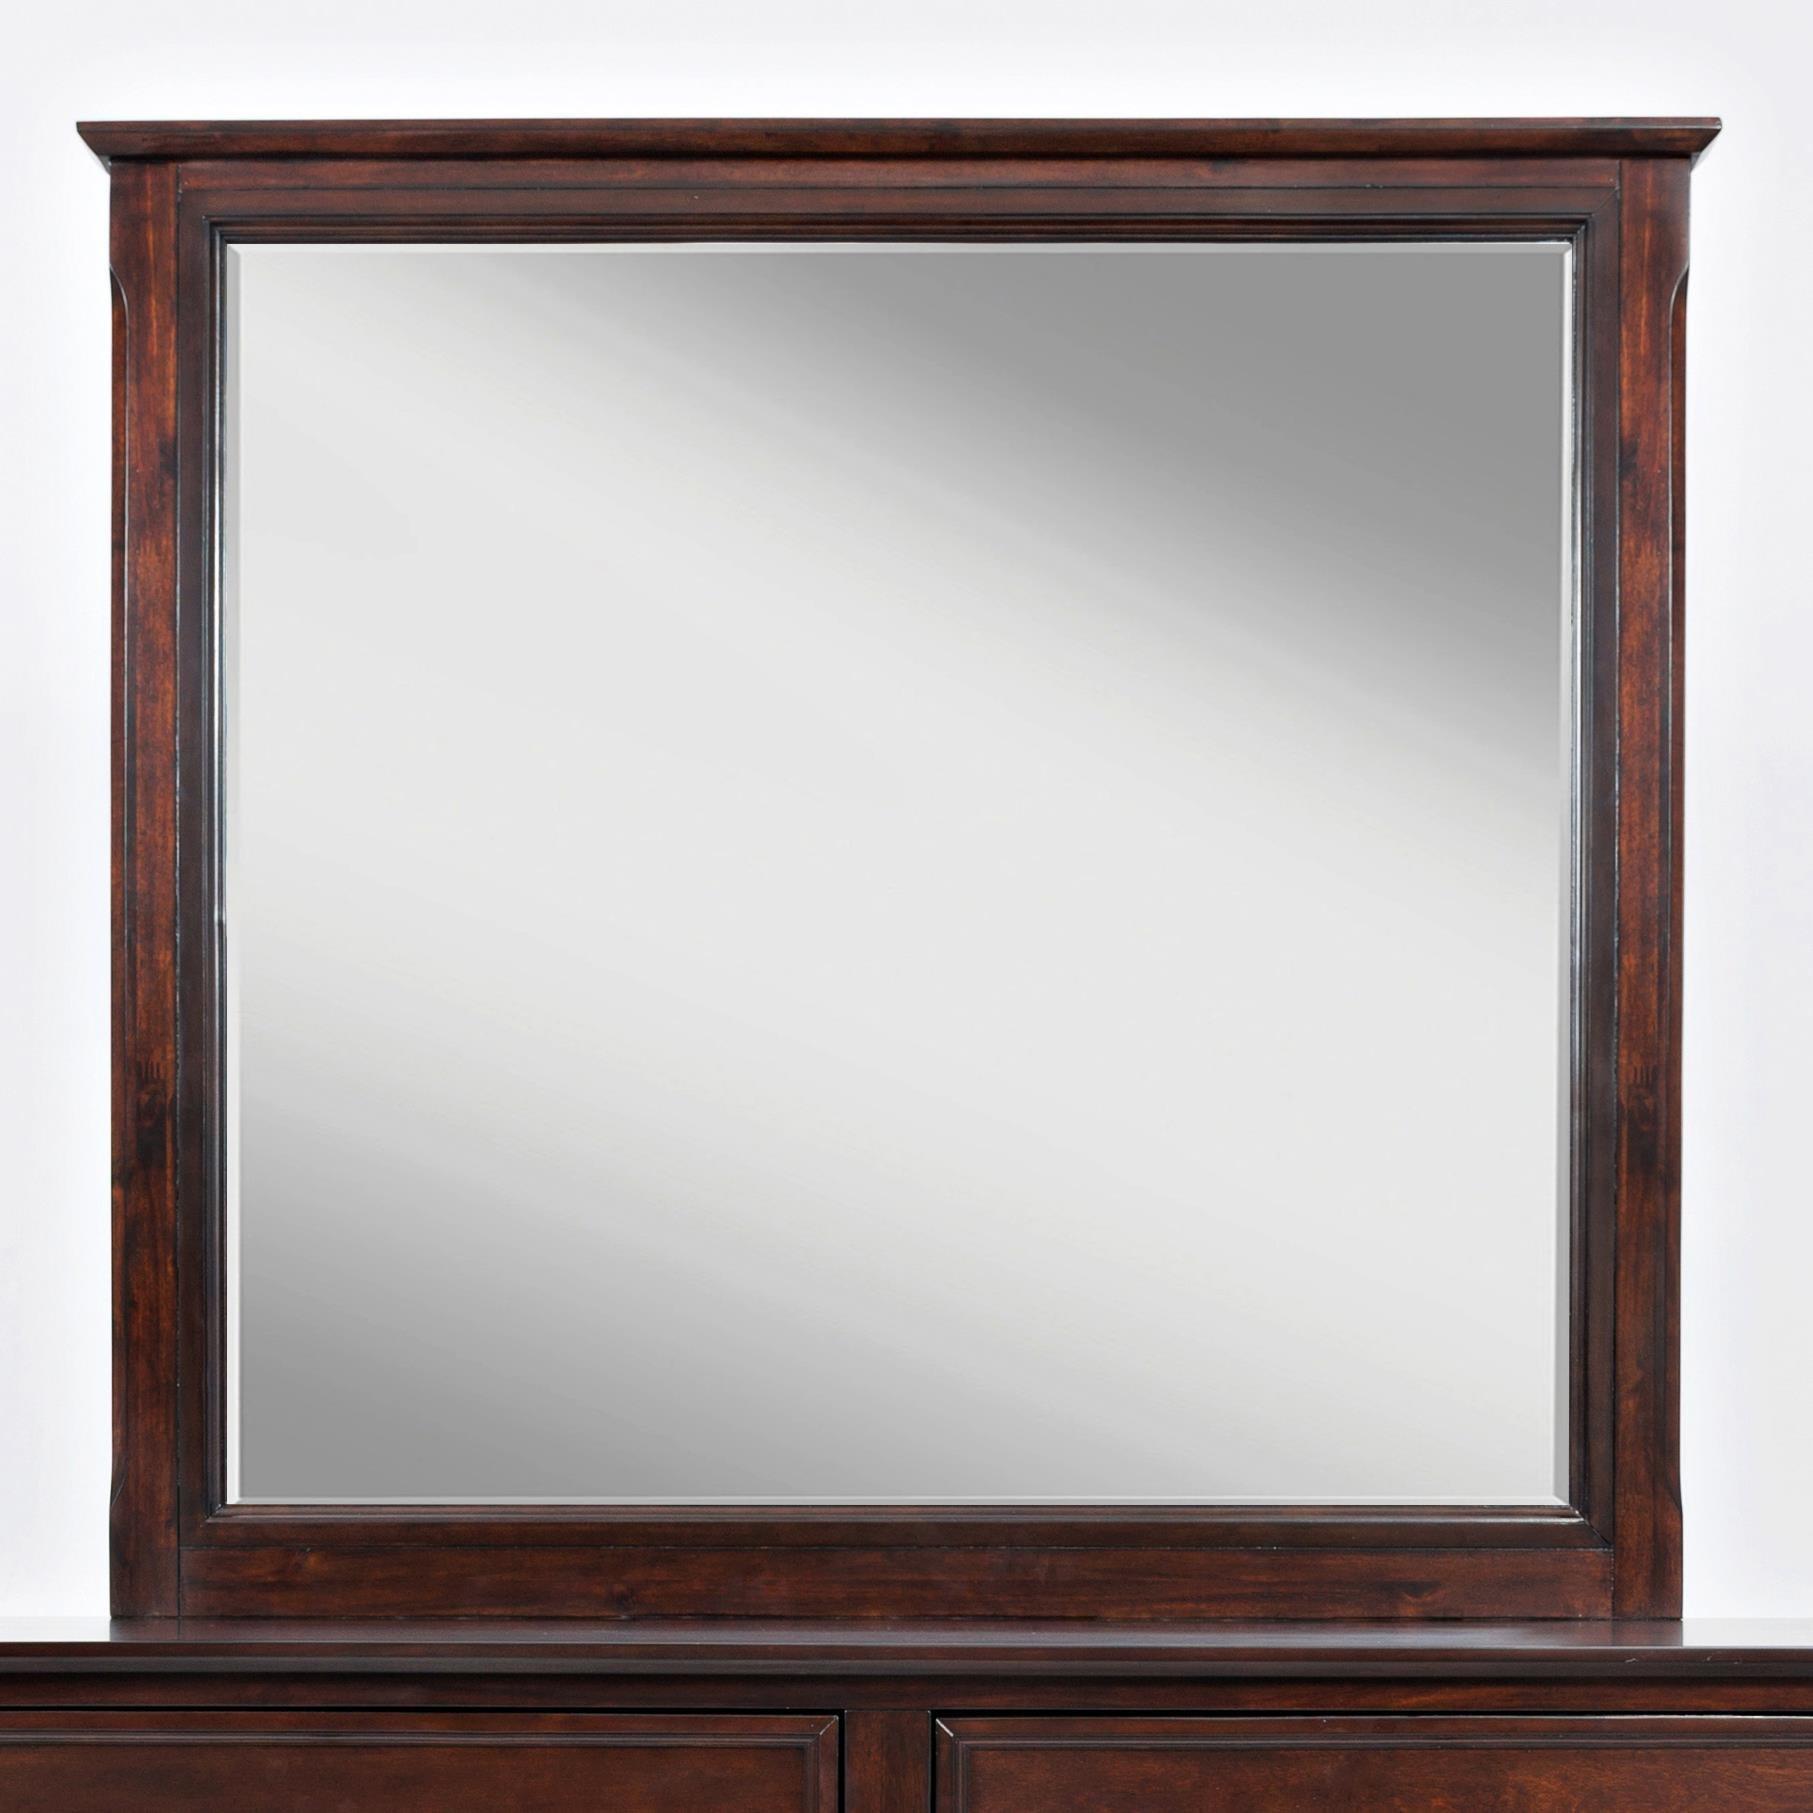 Jofran Boden: Cherry Mirror - Item Number: 1619-20